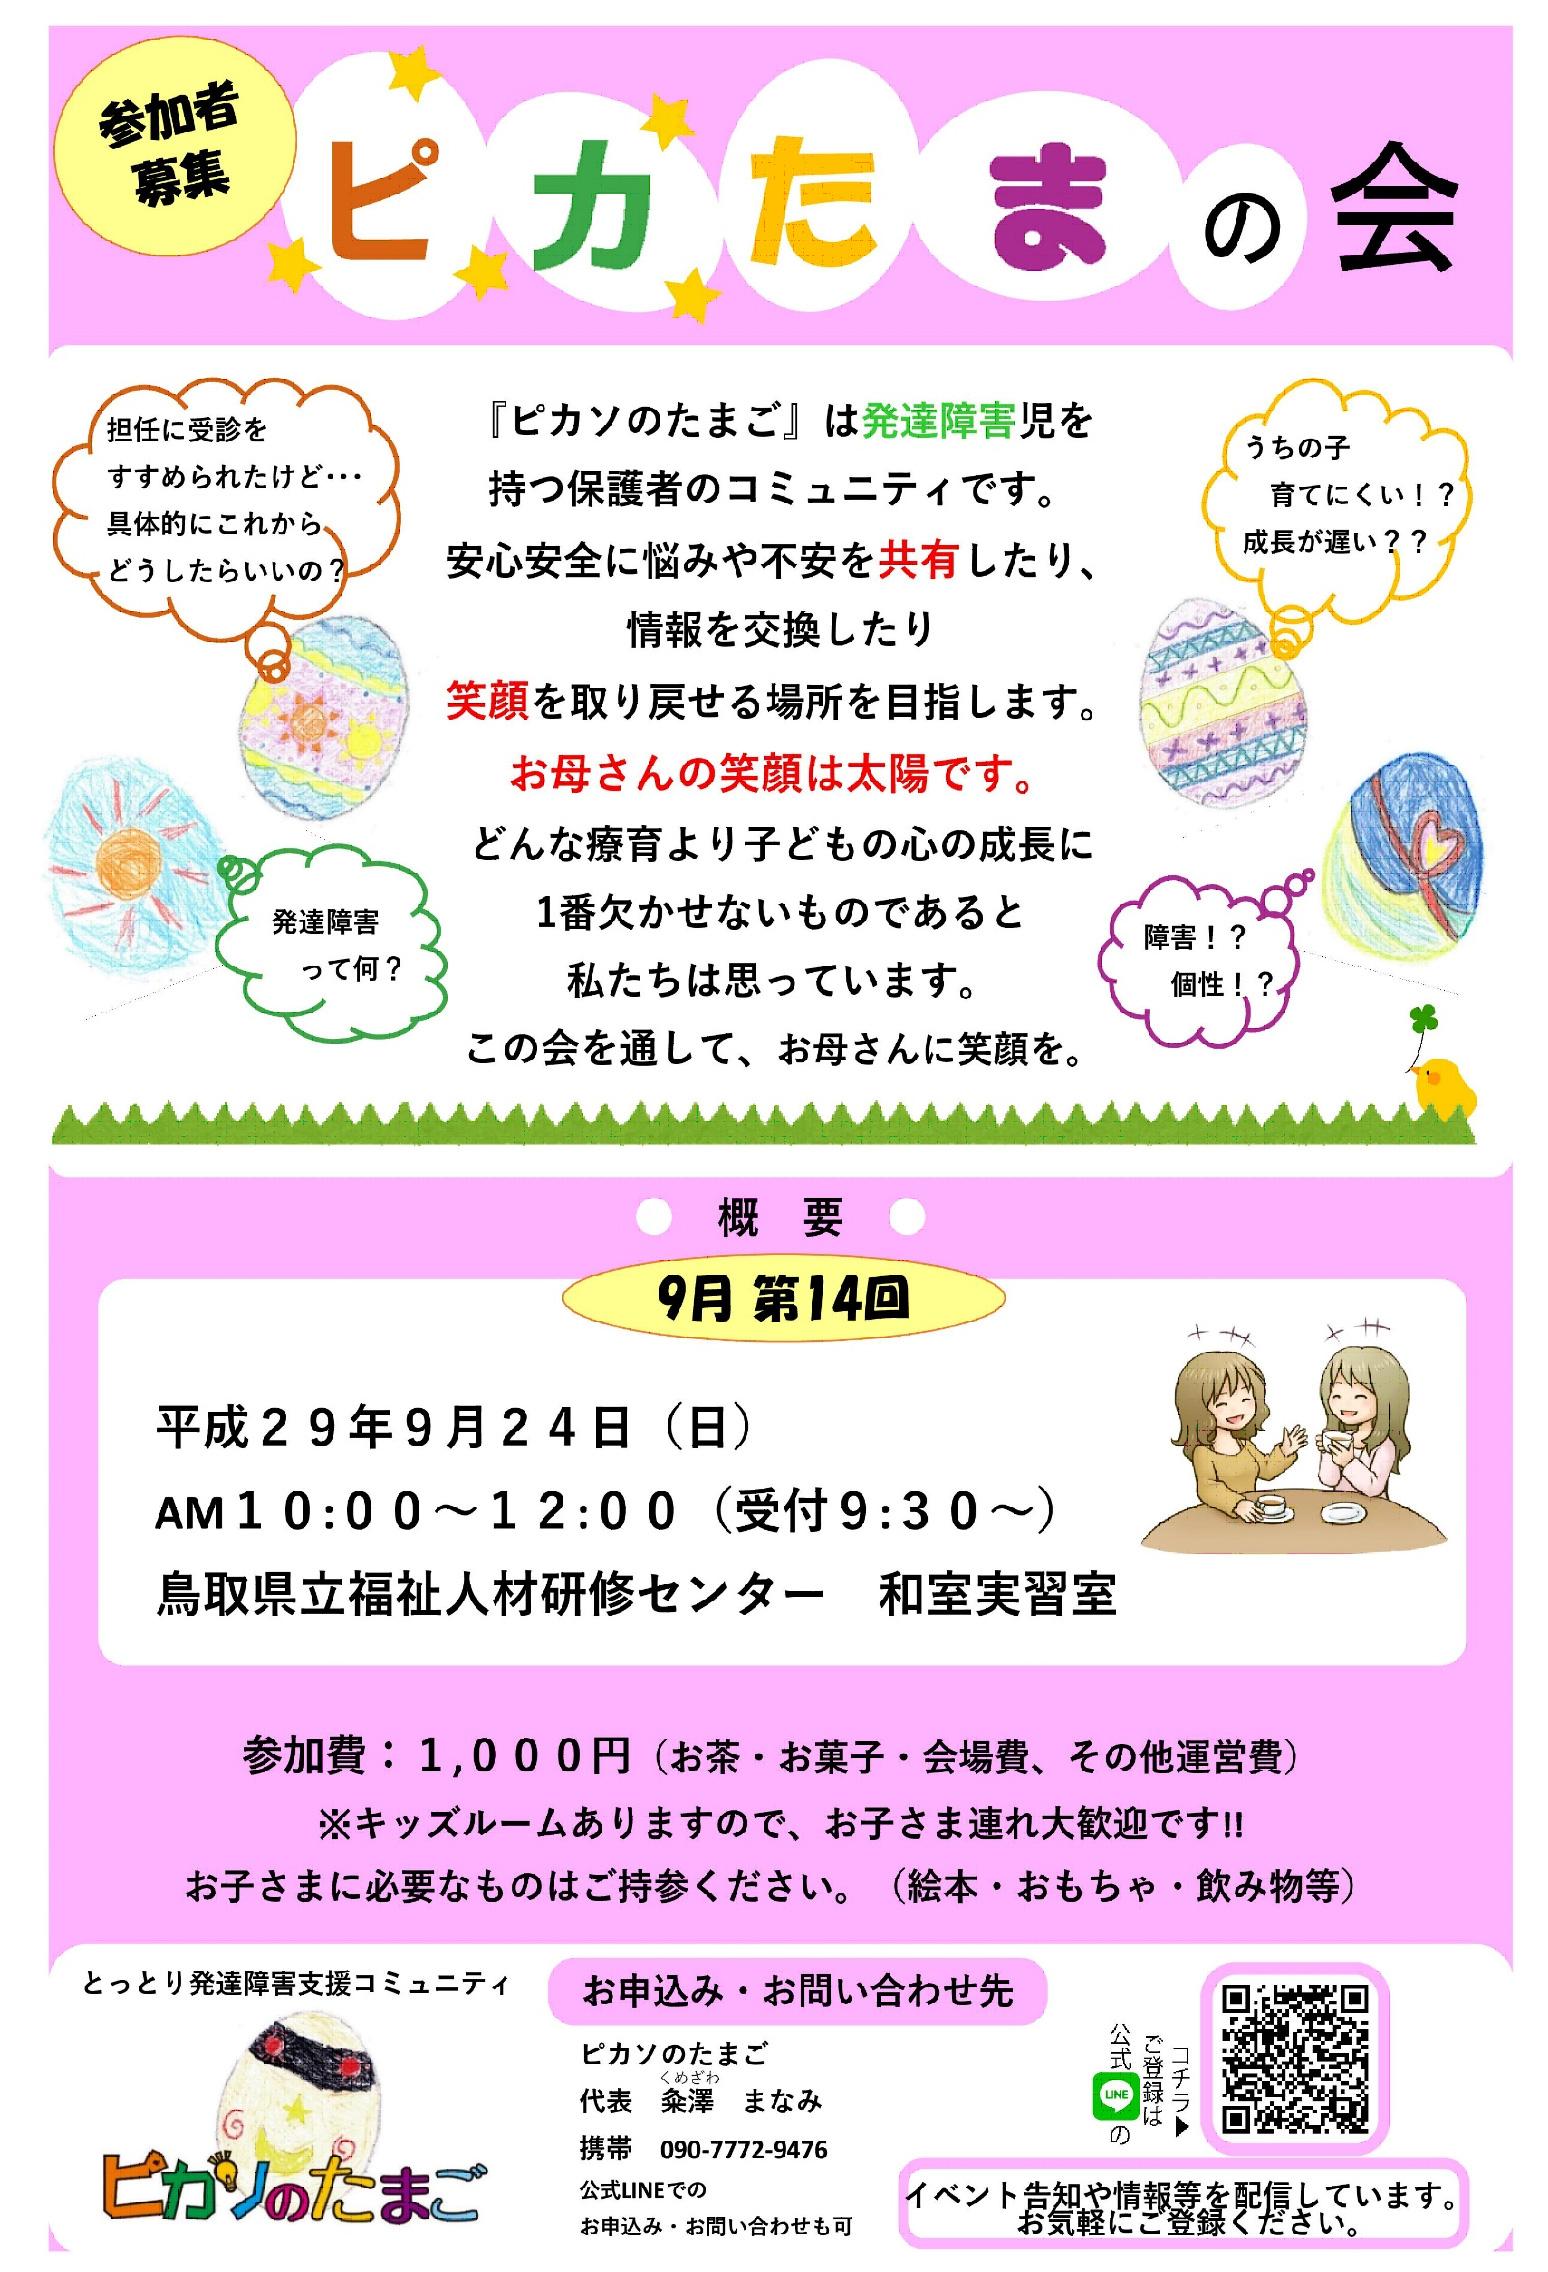 9月ピカたまの会のお知らせです(^^)